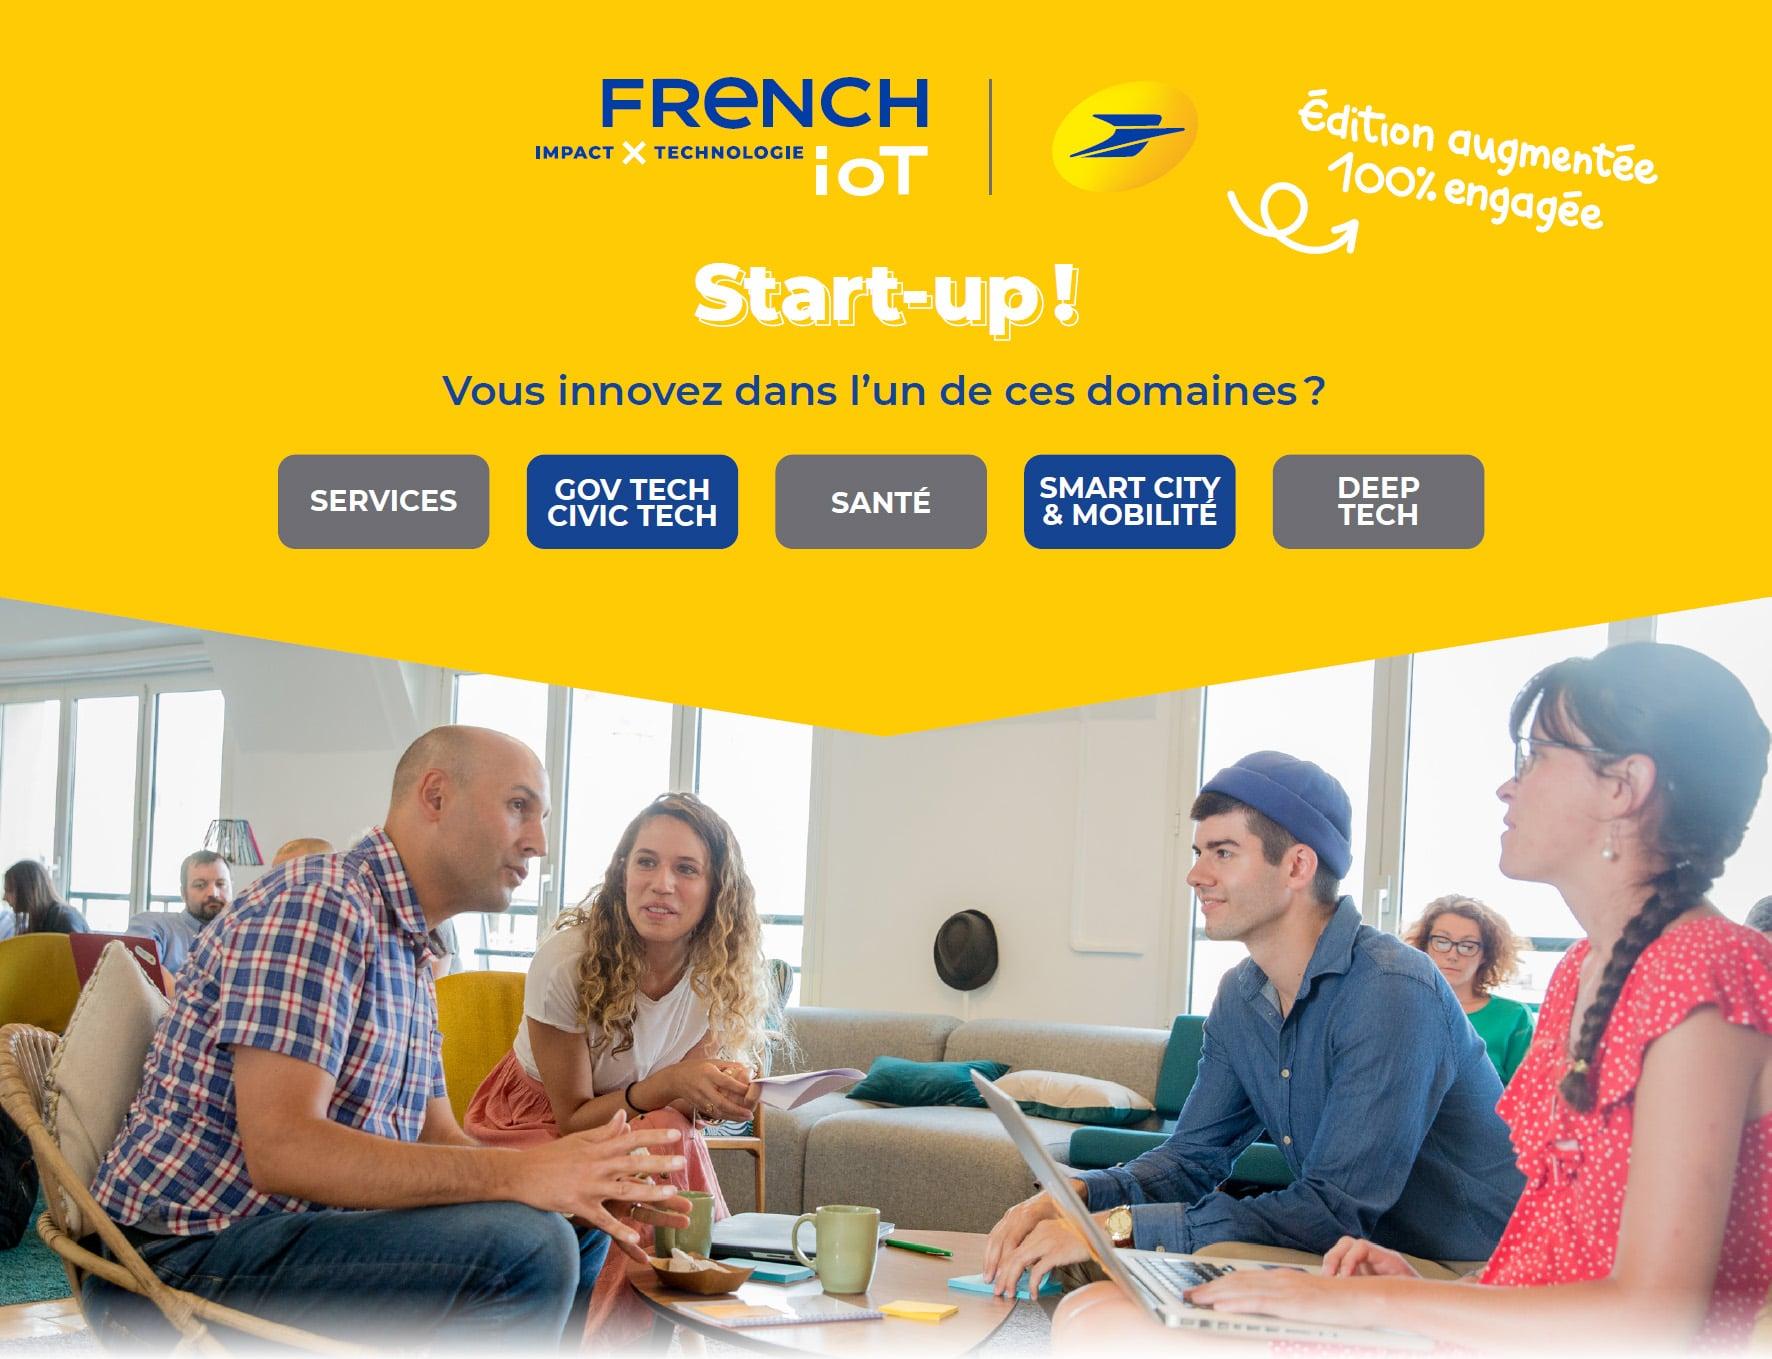 Concours | French IOT – Une édition 100% engagée pour répondre aux grands défis de notre société